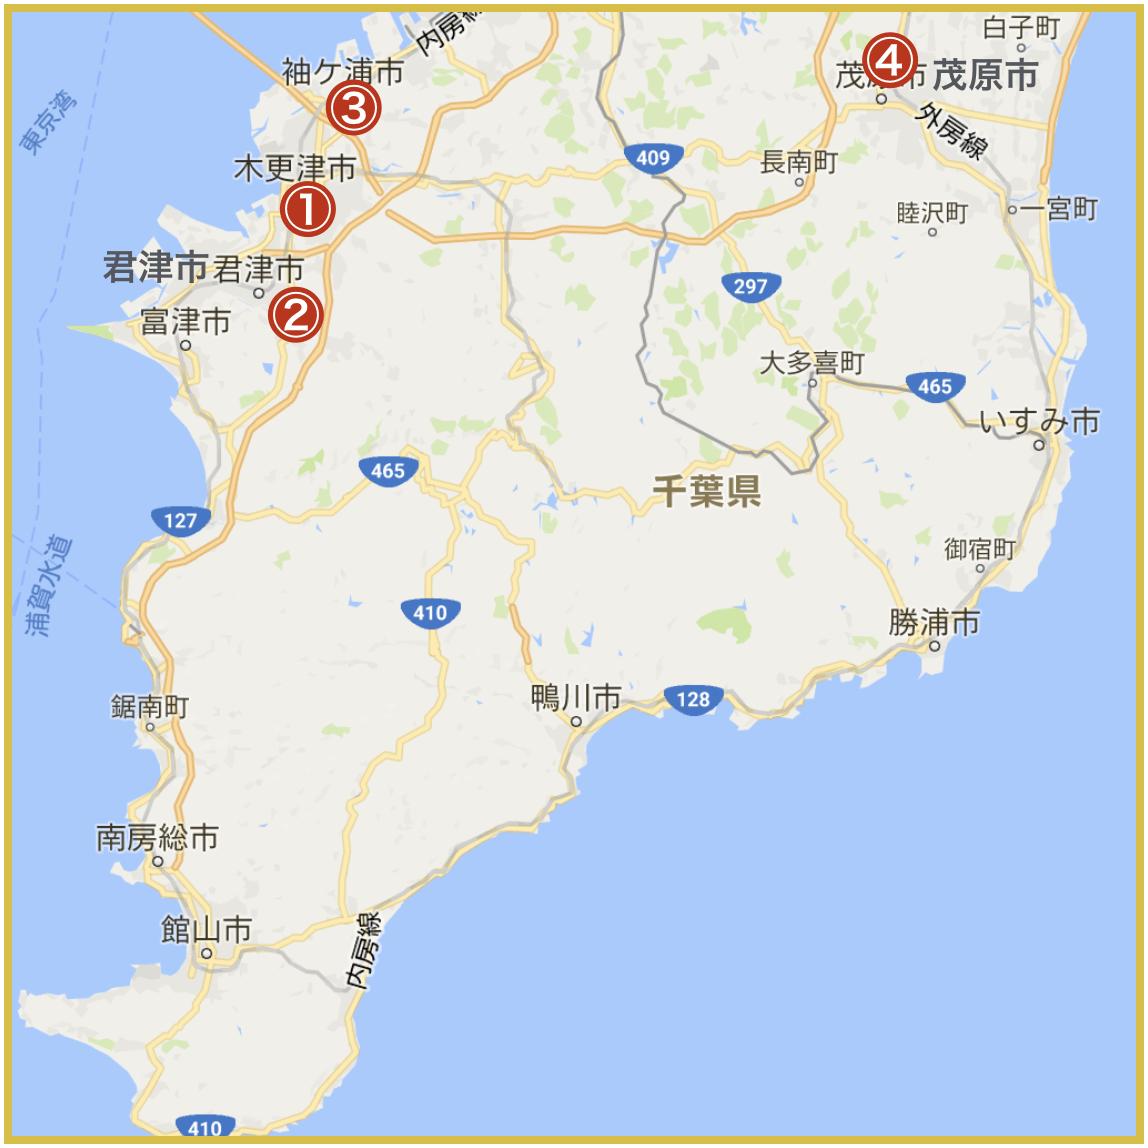 千葉県南地域にあるアイフル店舗・ATMの位置